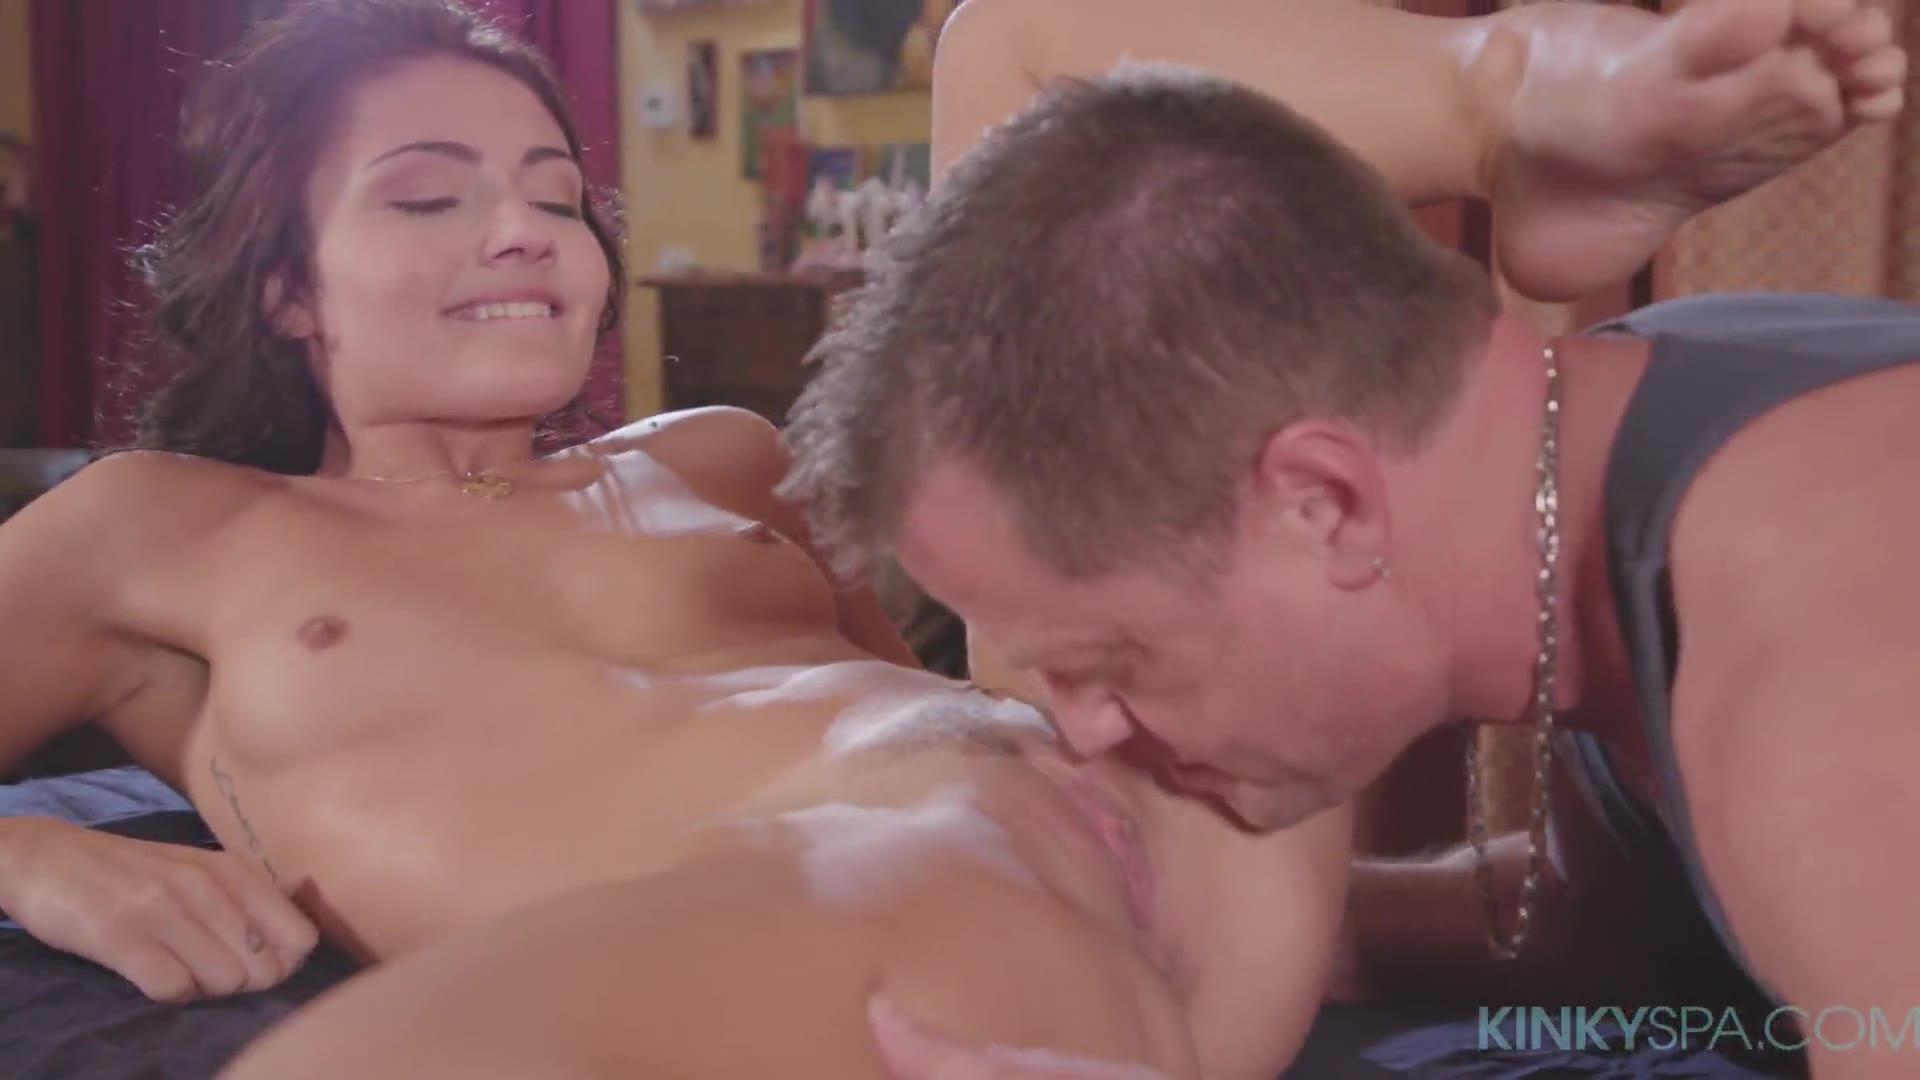 Aidra Rae Porn kinky spa e48 adria rae xxx ktr - pornve